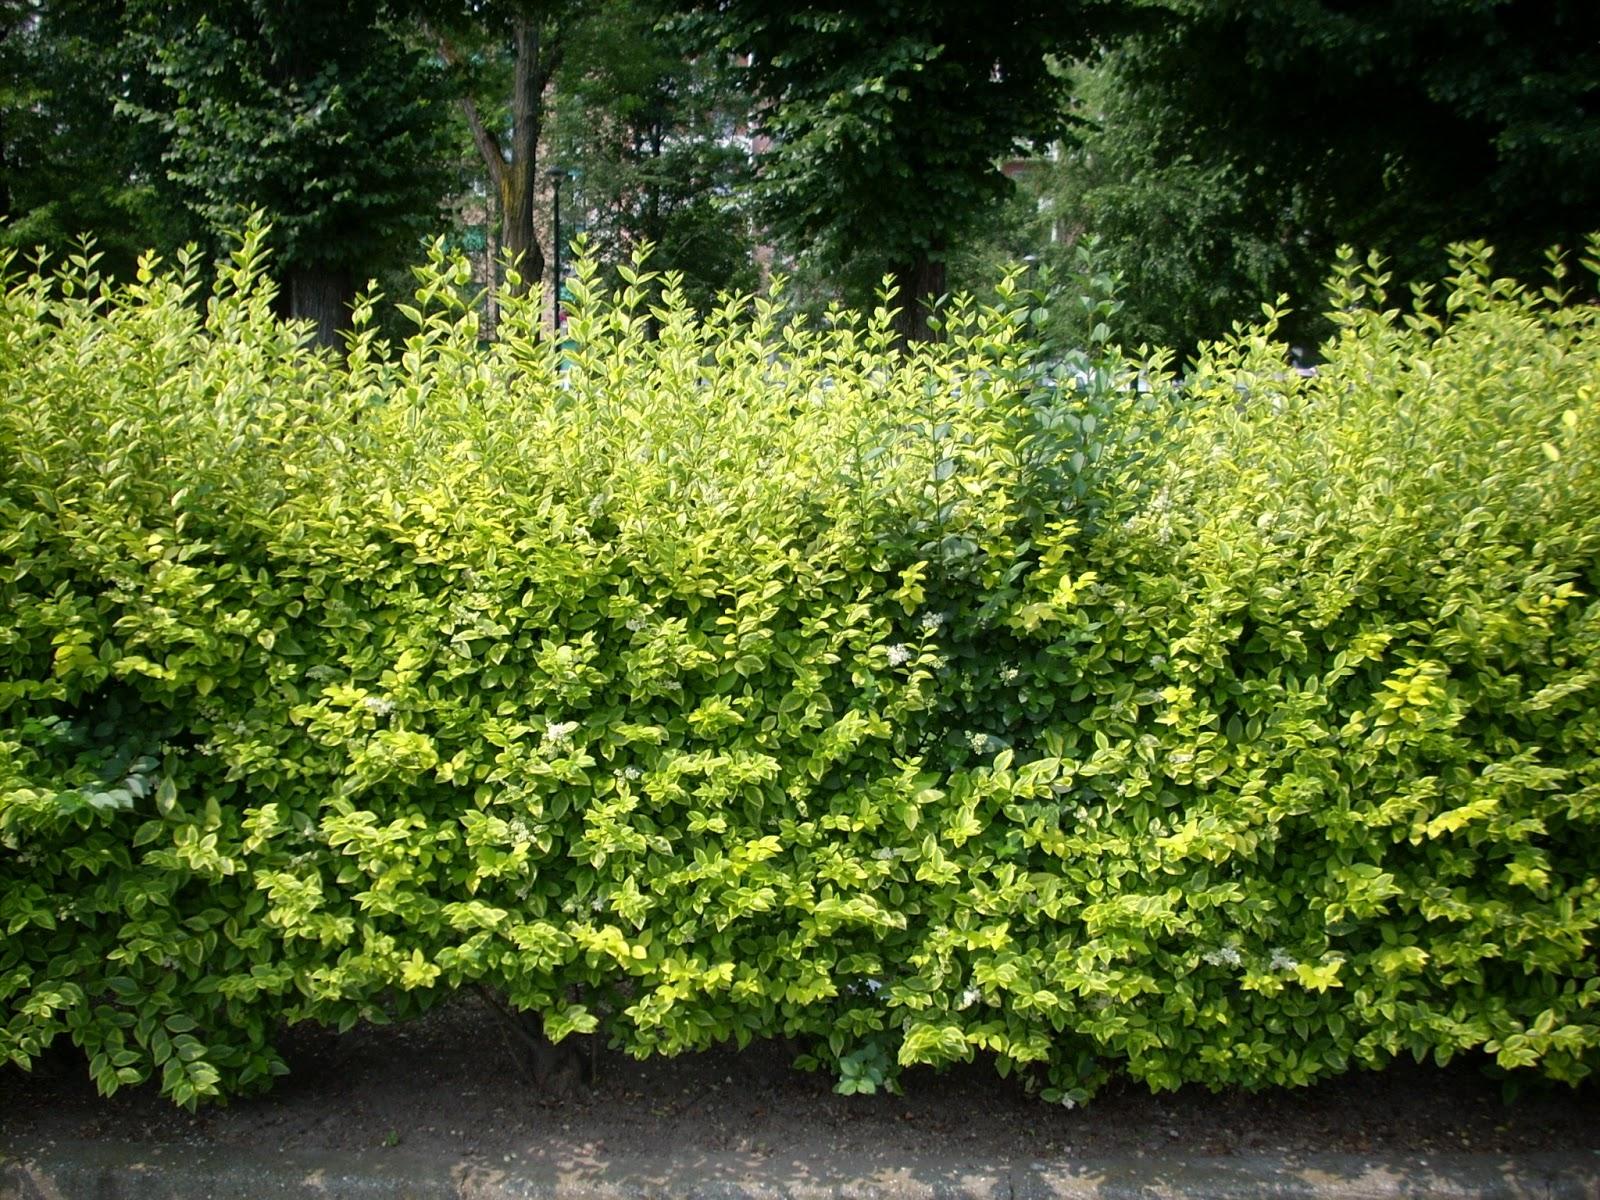 Lettino giardino ikea con siepe da giardino sempreverdi for Siepe per giardino